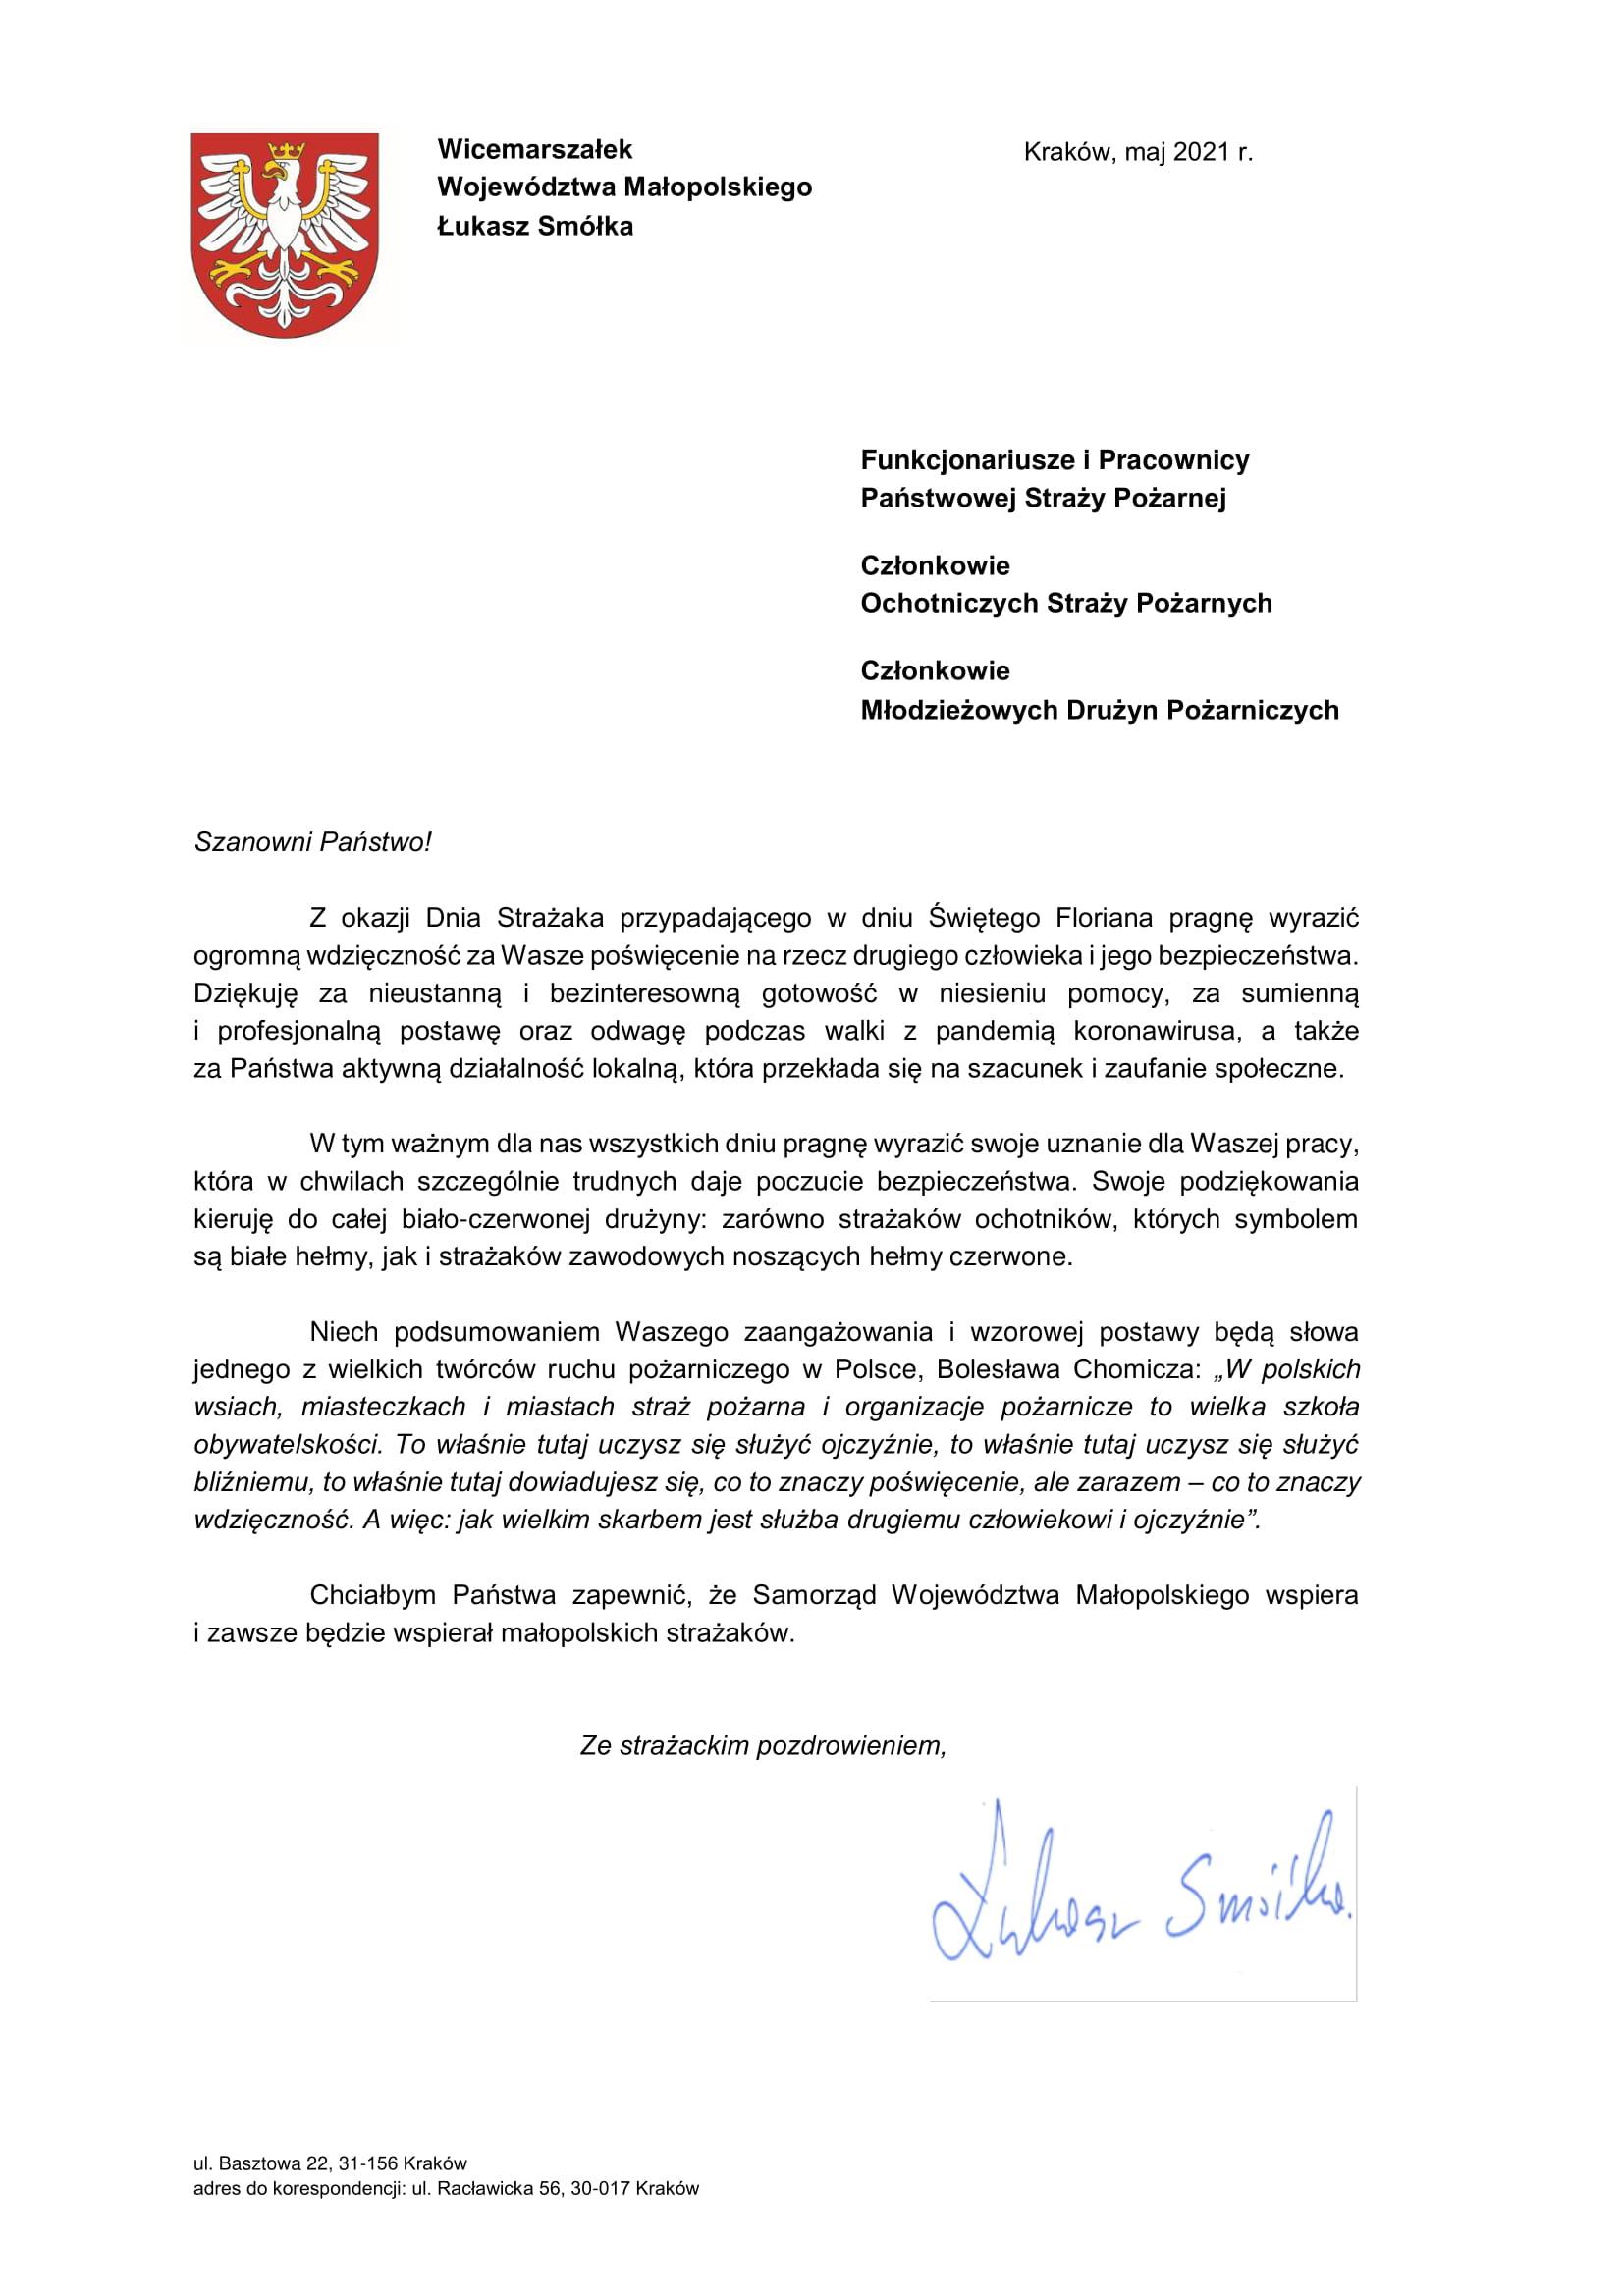 Życzenia Wicemarszałka Województwa Małopolskiego z okazji Dnia Strażaka